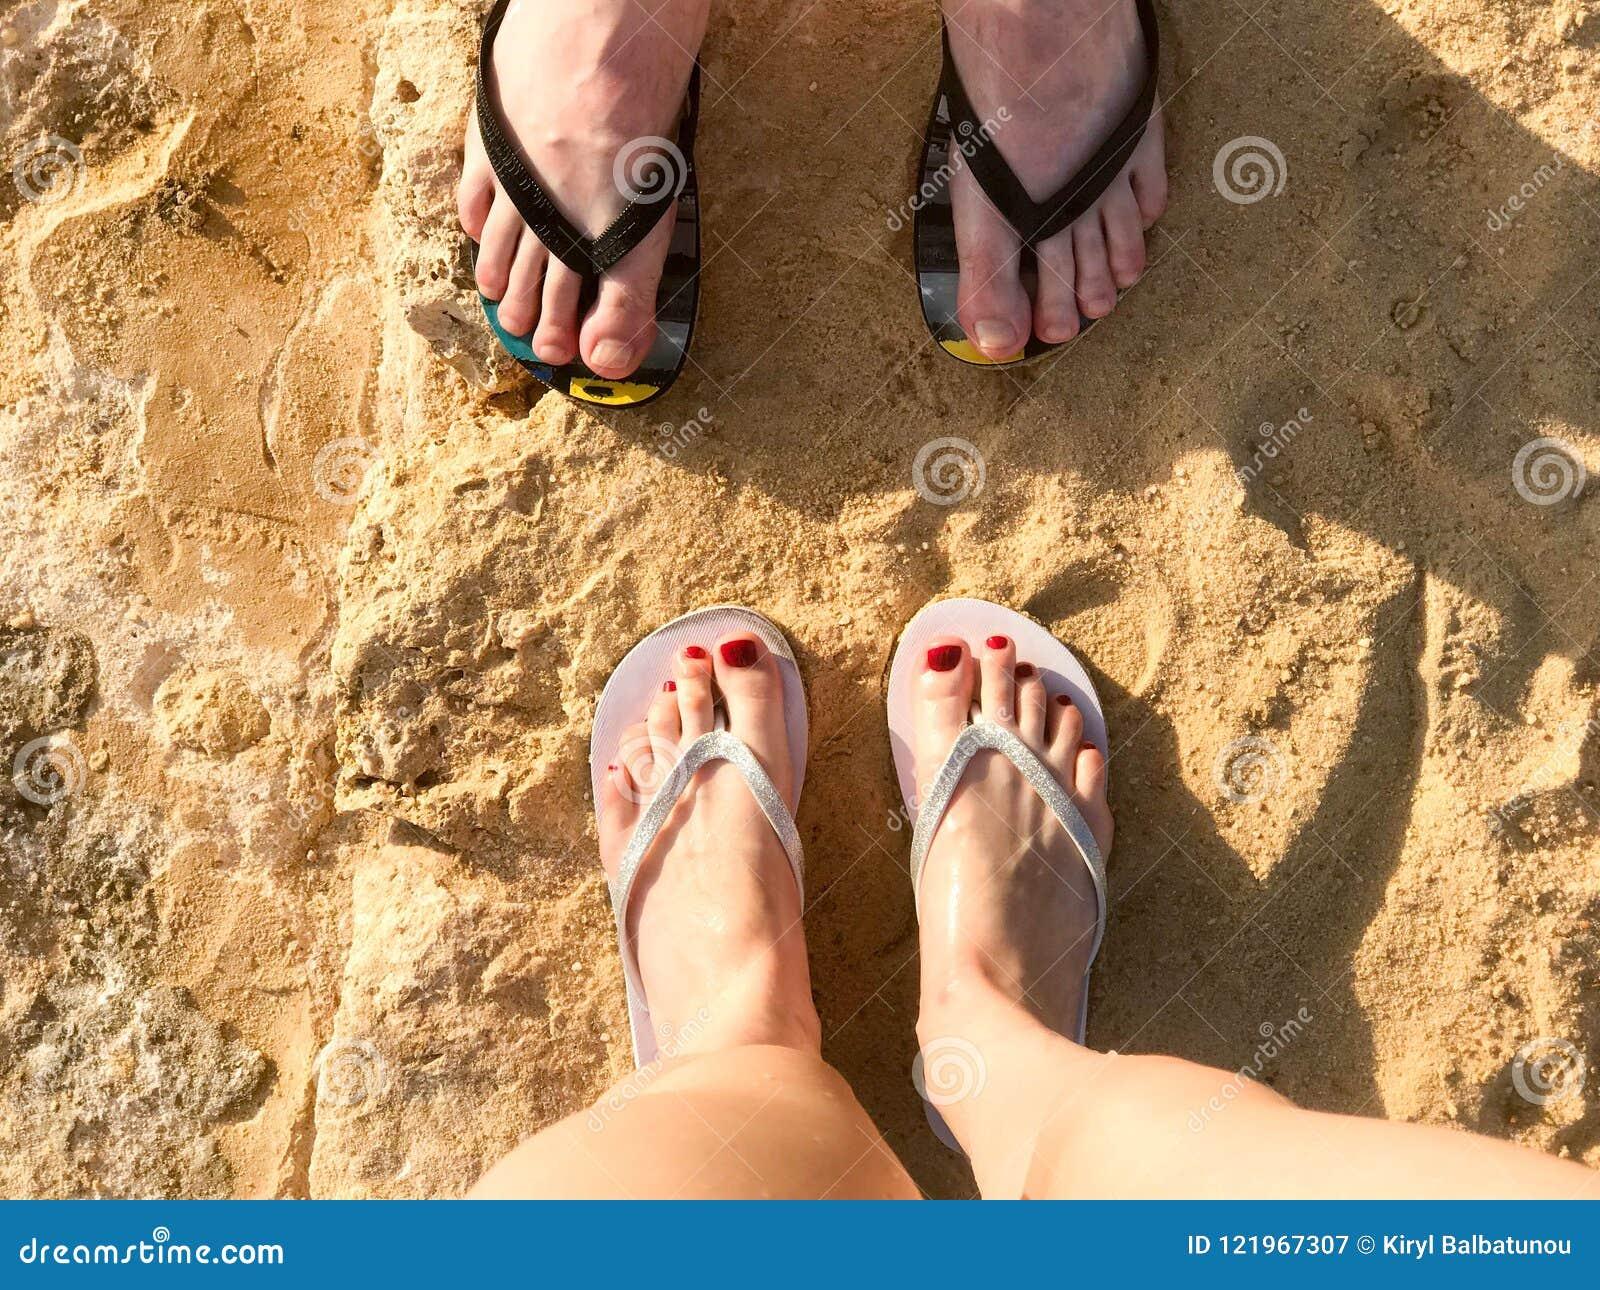 两个对有修指甲的在拖鞋,与手指的一只脚男性和女性腿在一个石含沙地板,地球上的啪嗒啪嗒的响声,是